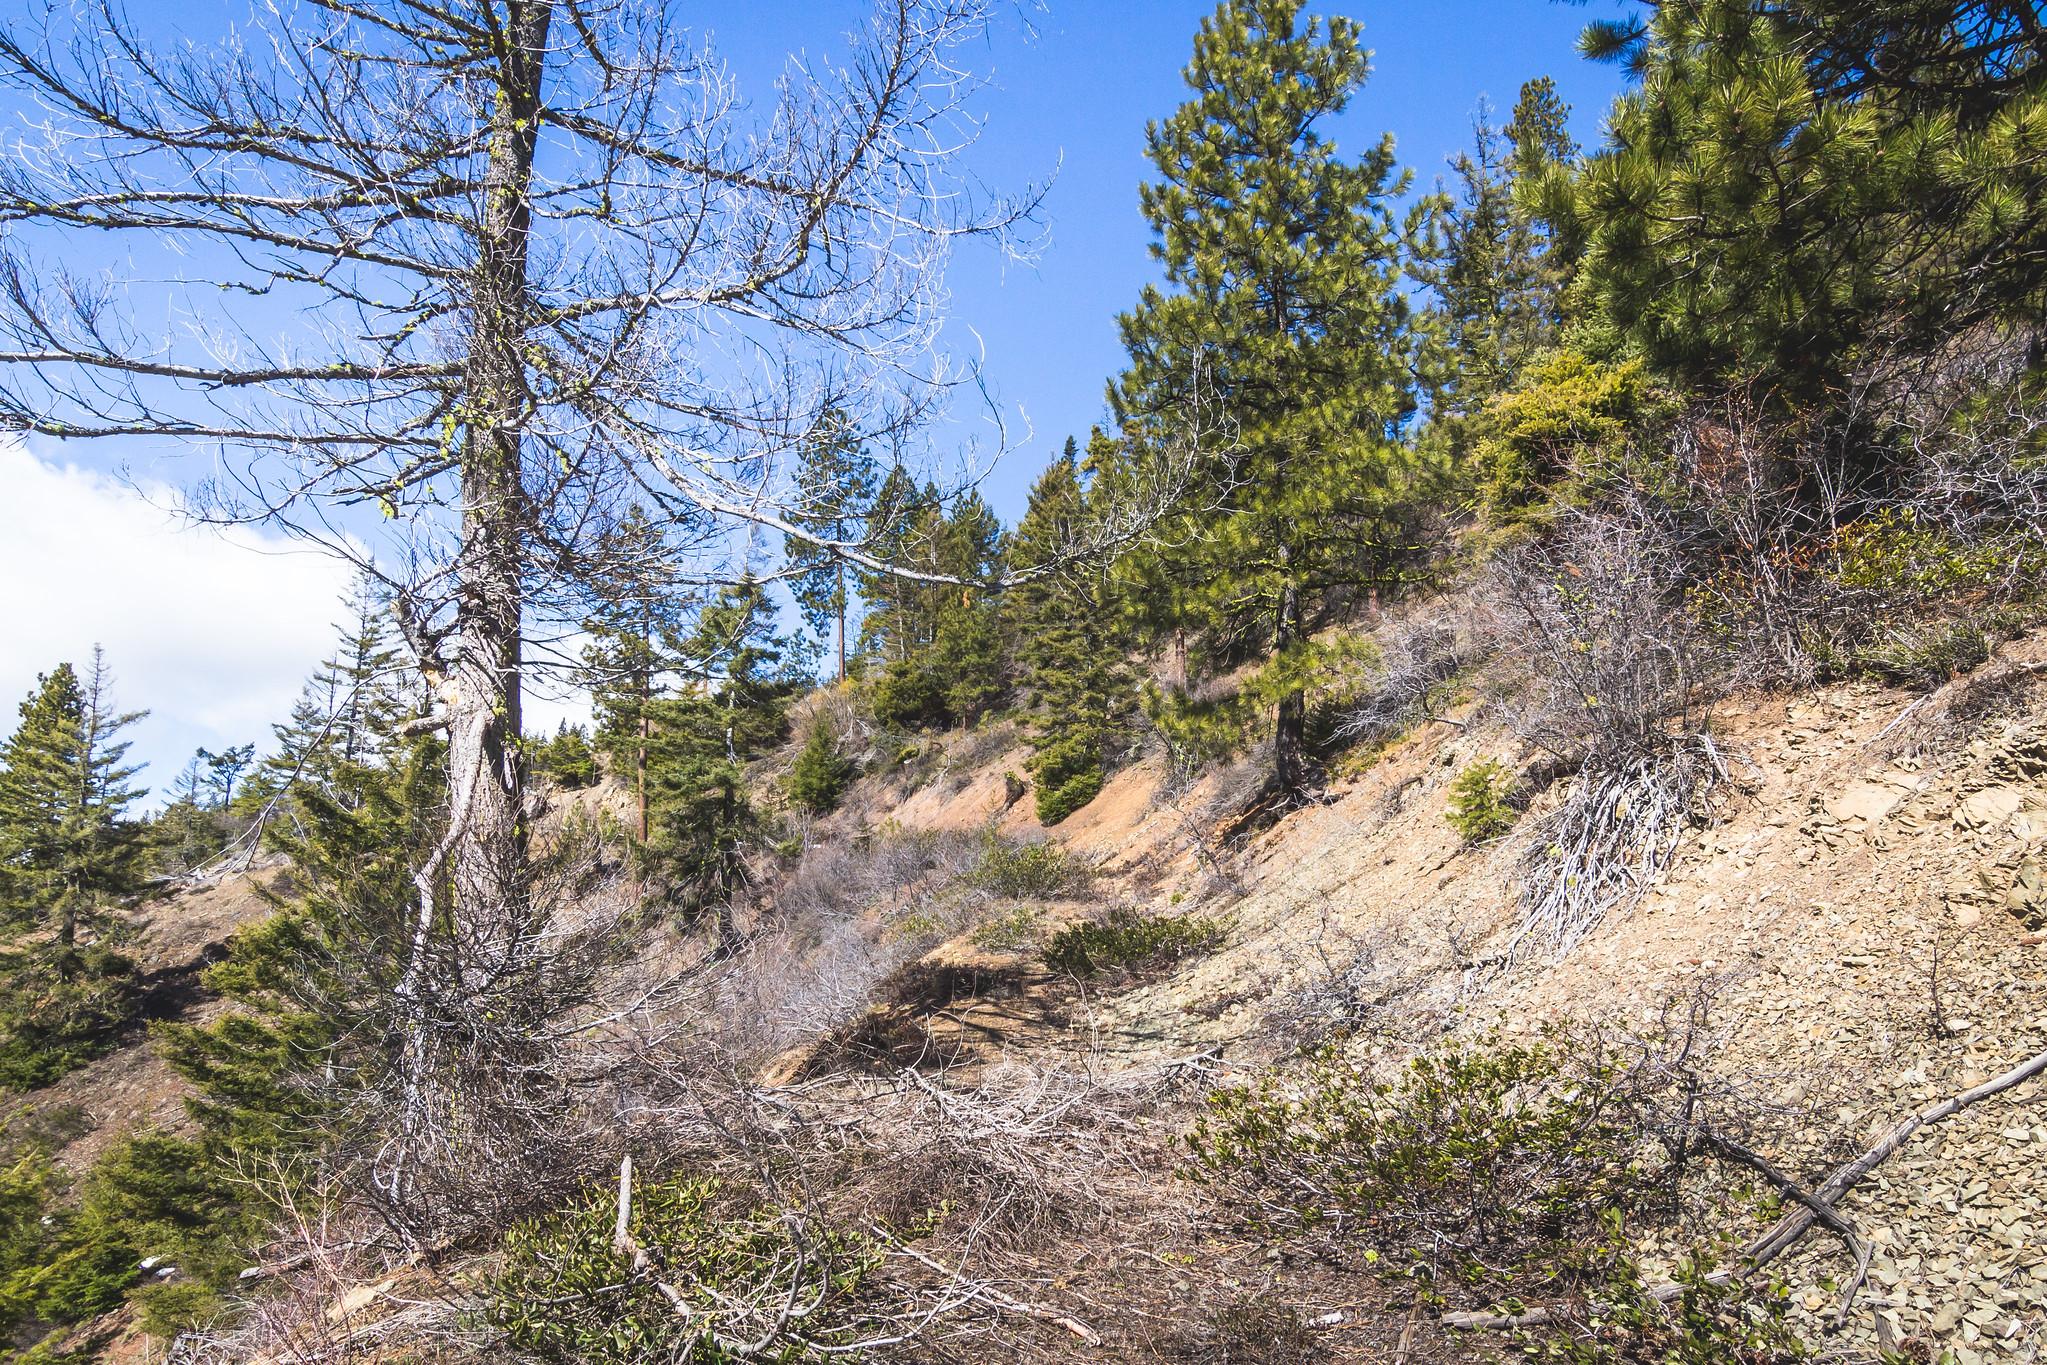 The road to Roughhouse Mountain